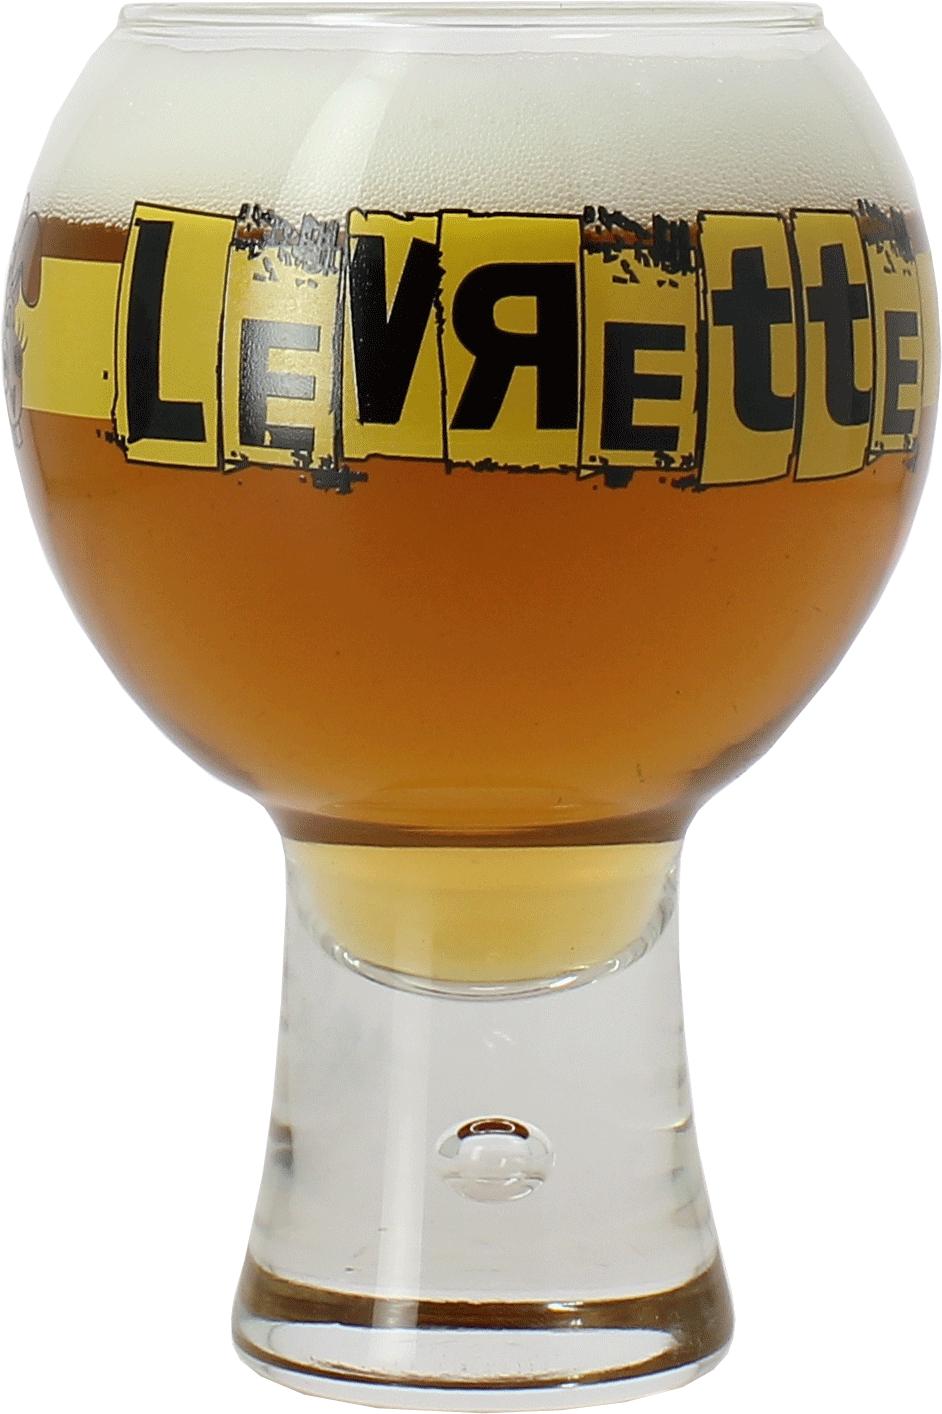 Copa Levrette - 30cl